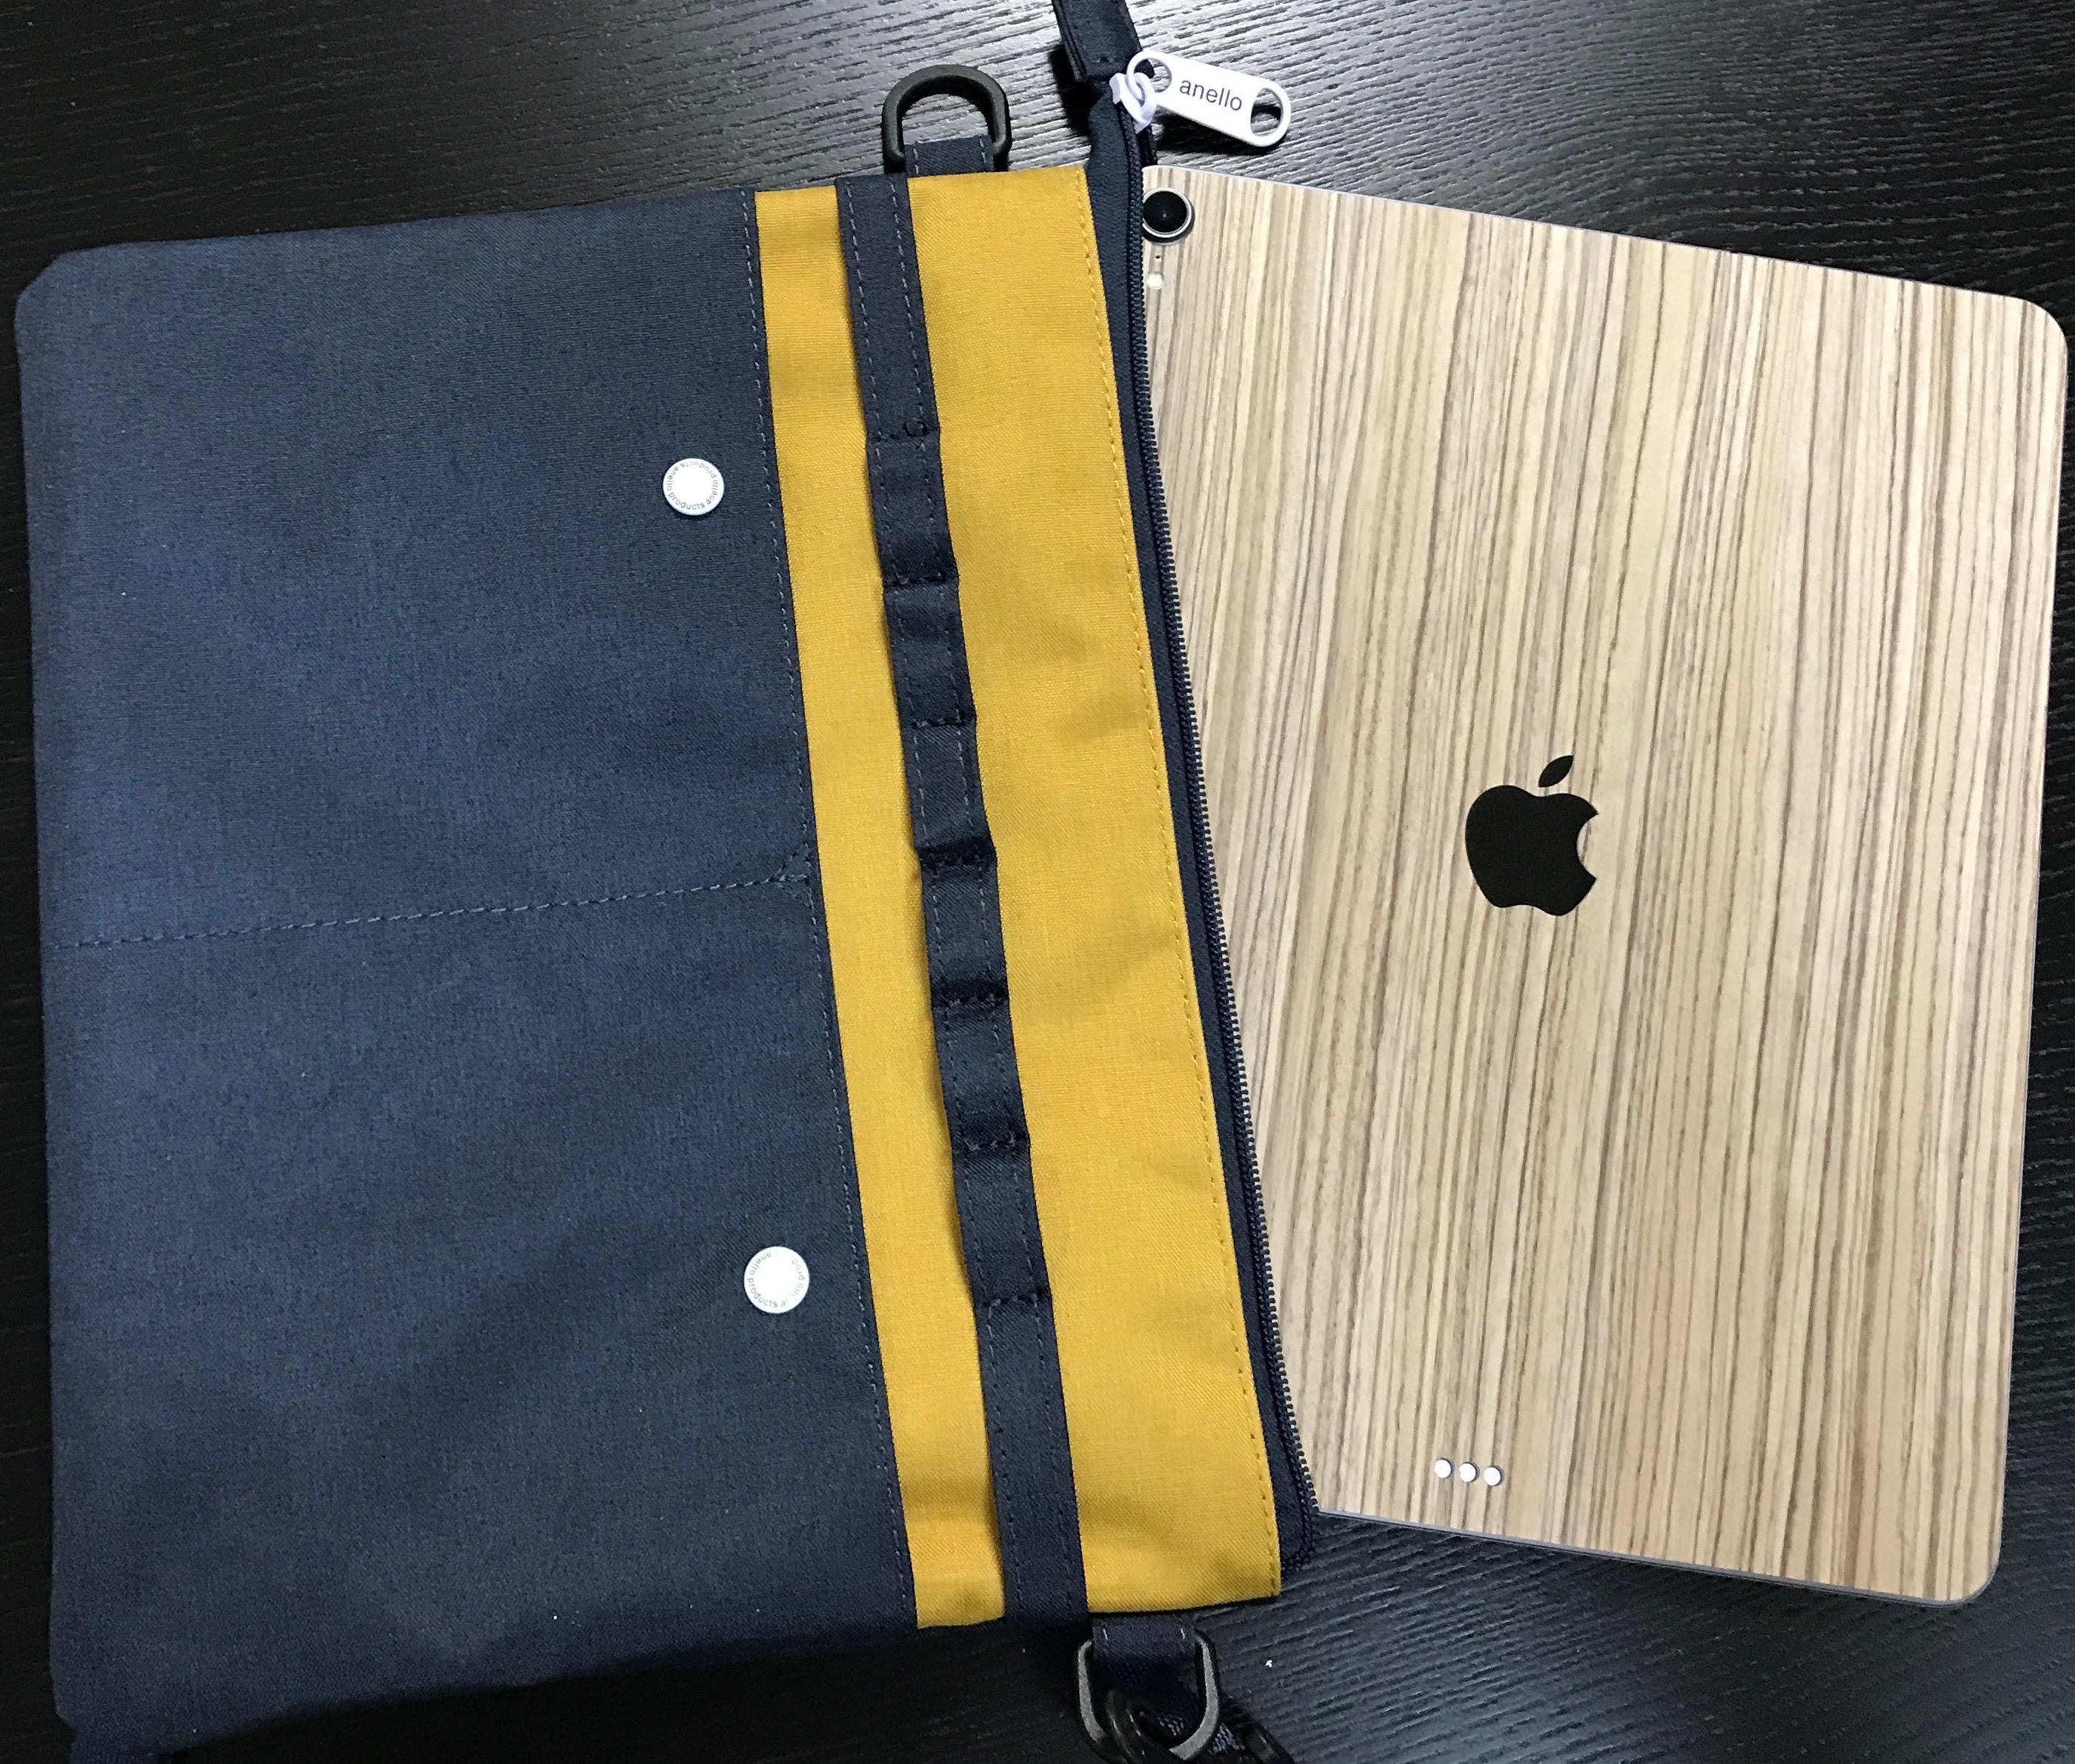 軽快に、街に出よう。わずか853.7gの手書きのワンダーランド「iPad Pro 12.9」を連れて!